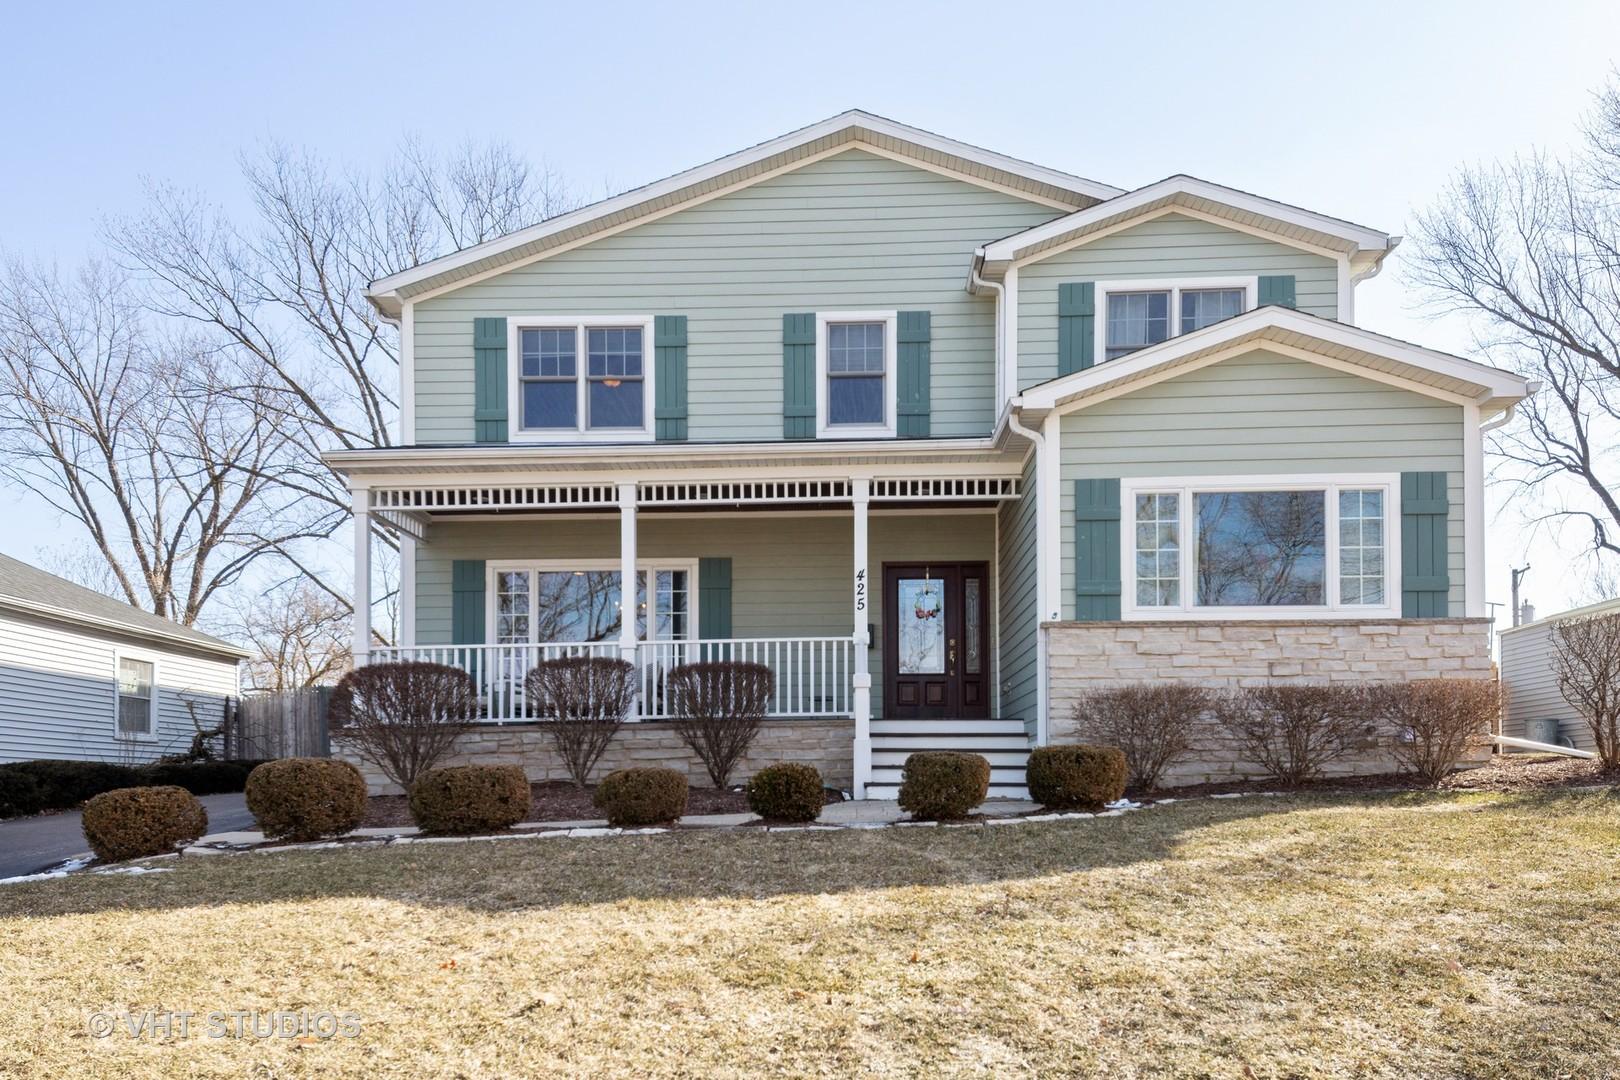 425 Garfield ,Lombard, Illinois 60148